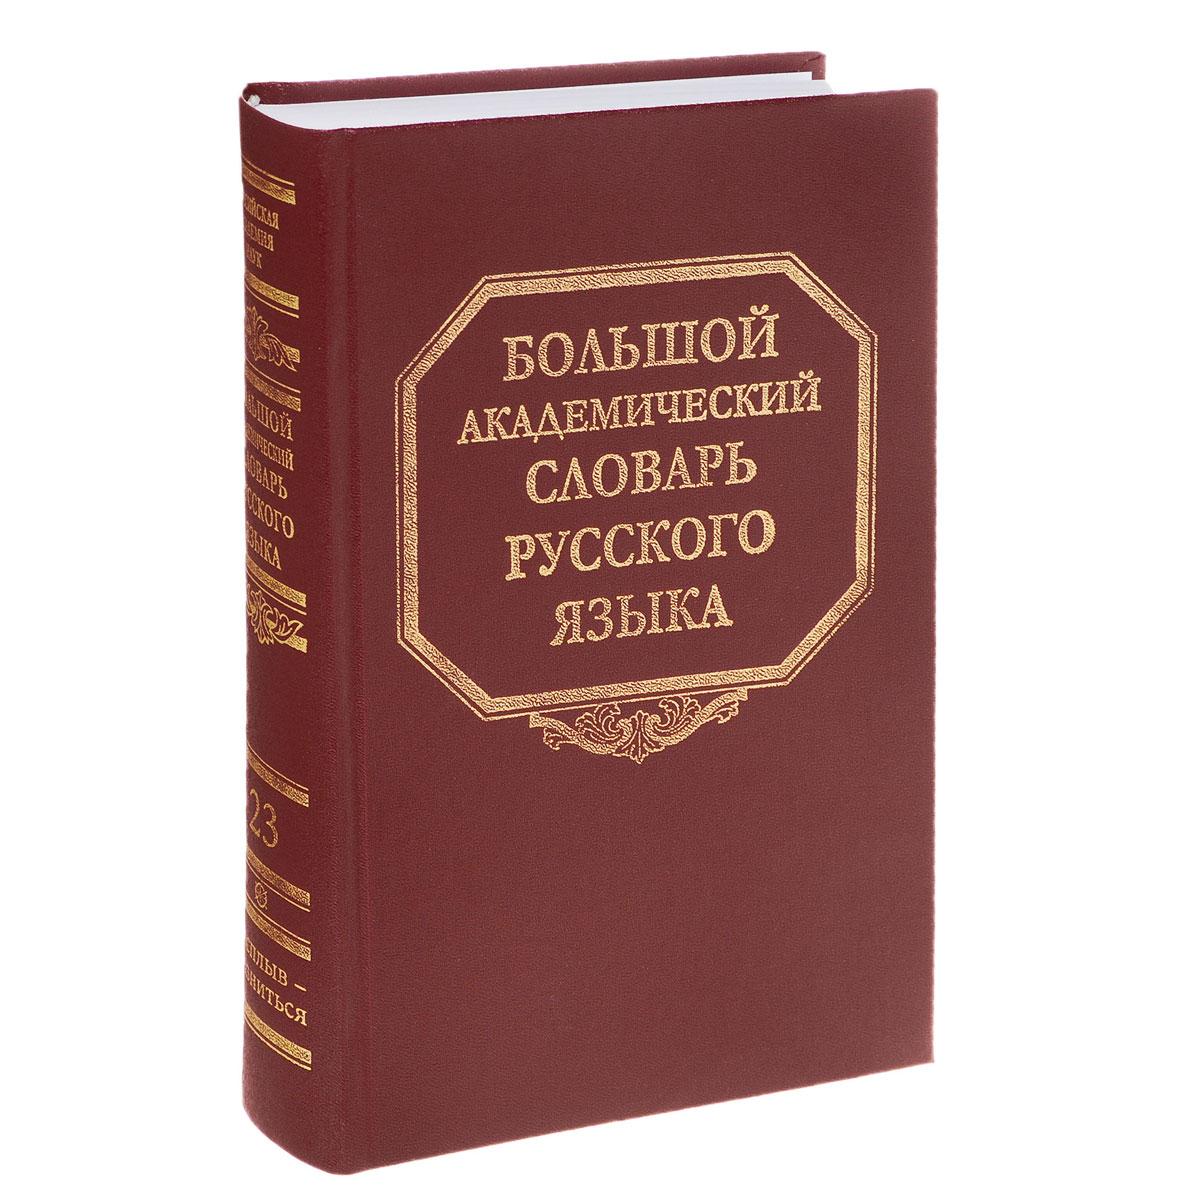 Большой академический словарь русского языка. Том 23. Расплыв-Розниться